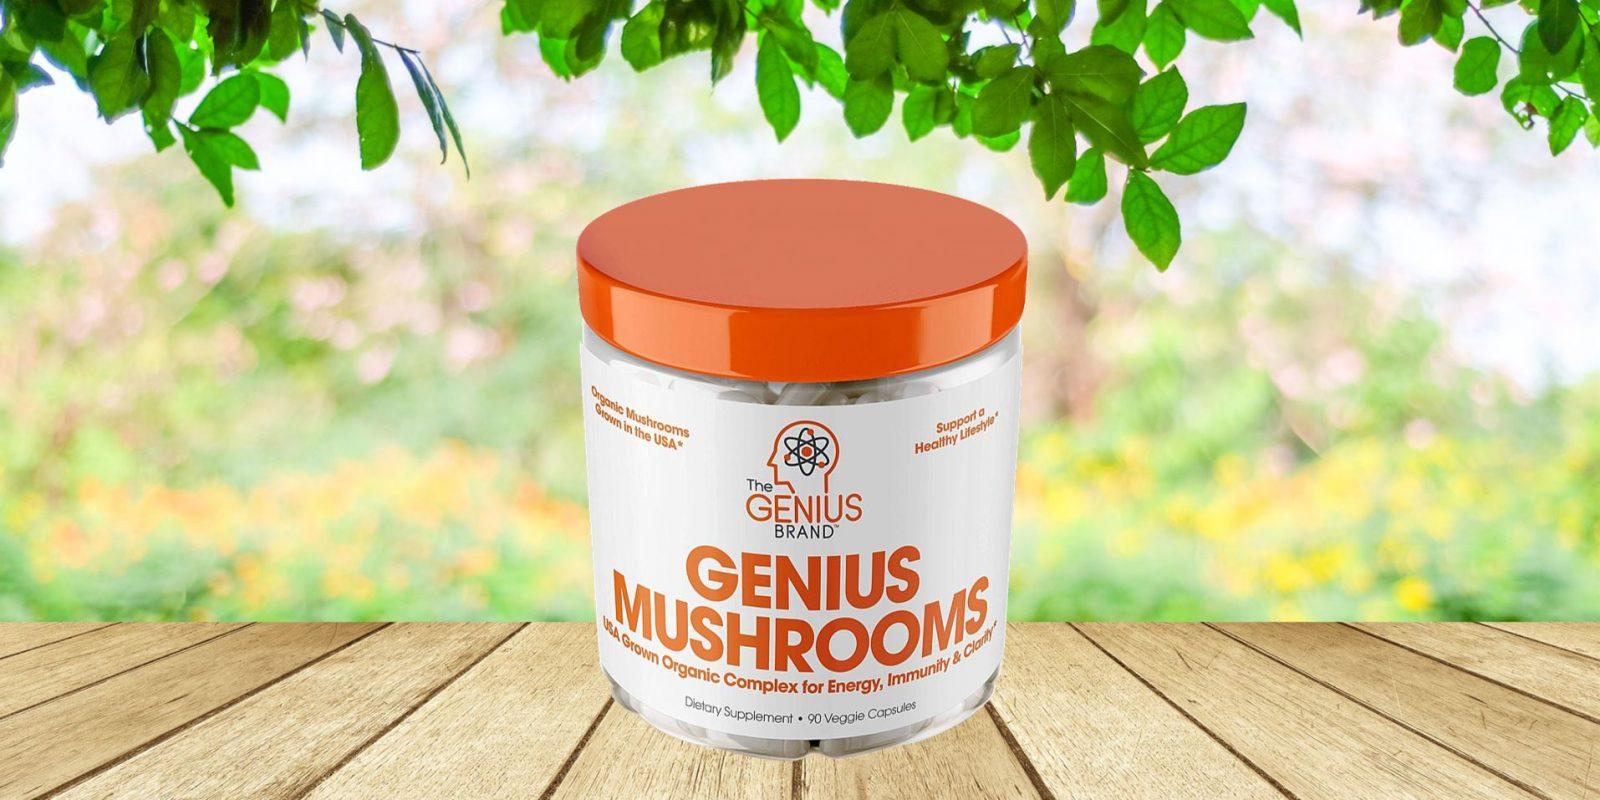 Genius Mushroom Lion's Mane Supplement